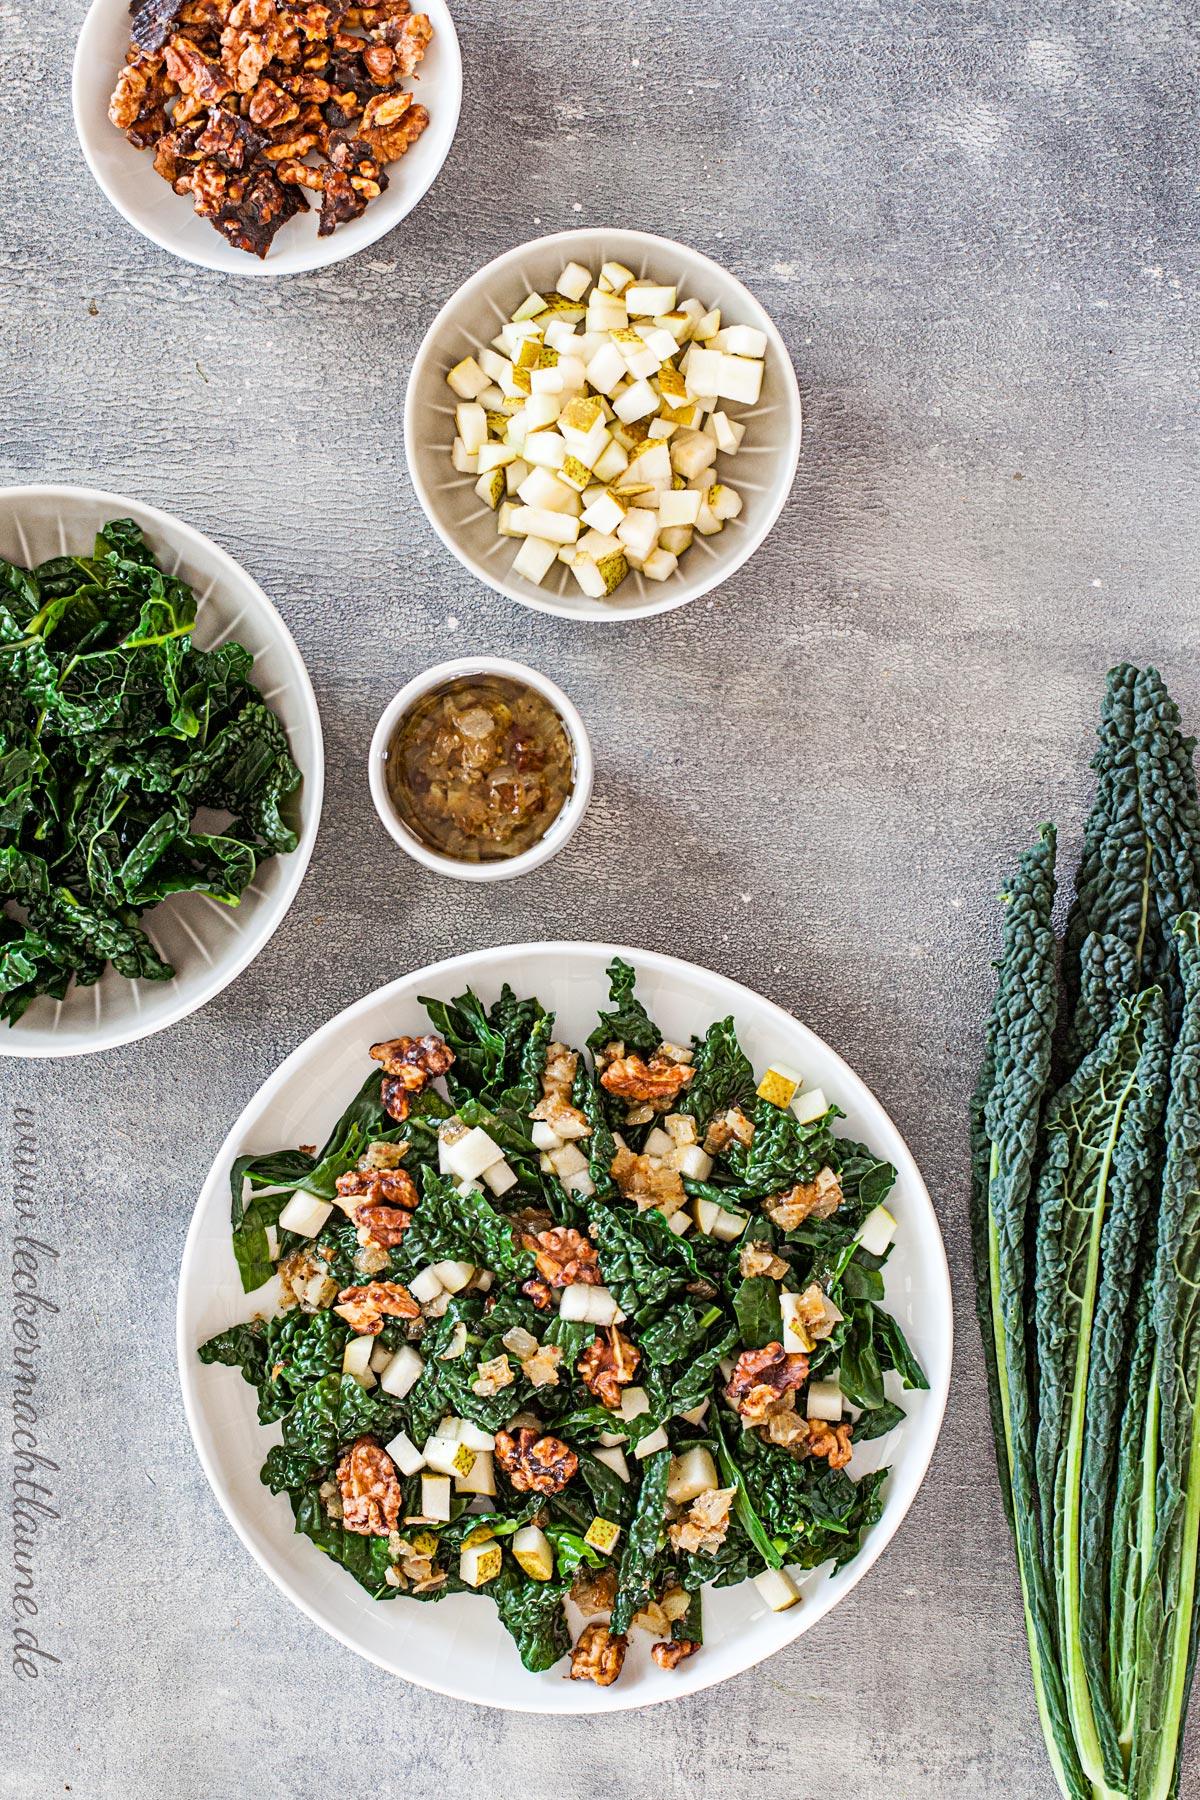 Schwarzkohl-Salat mit karamellisierten Walnüssen | lecker macht laune